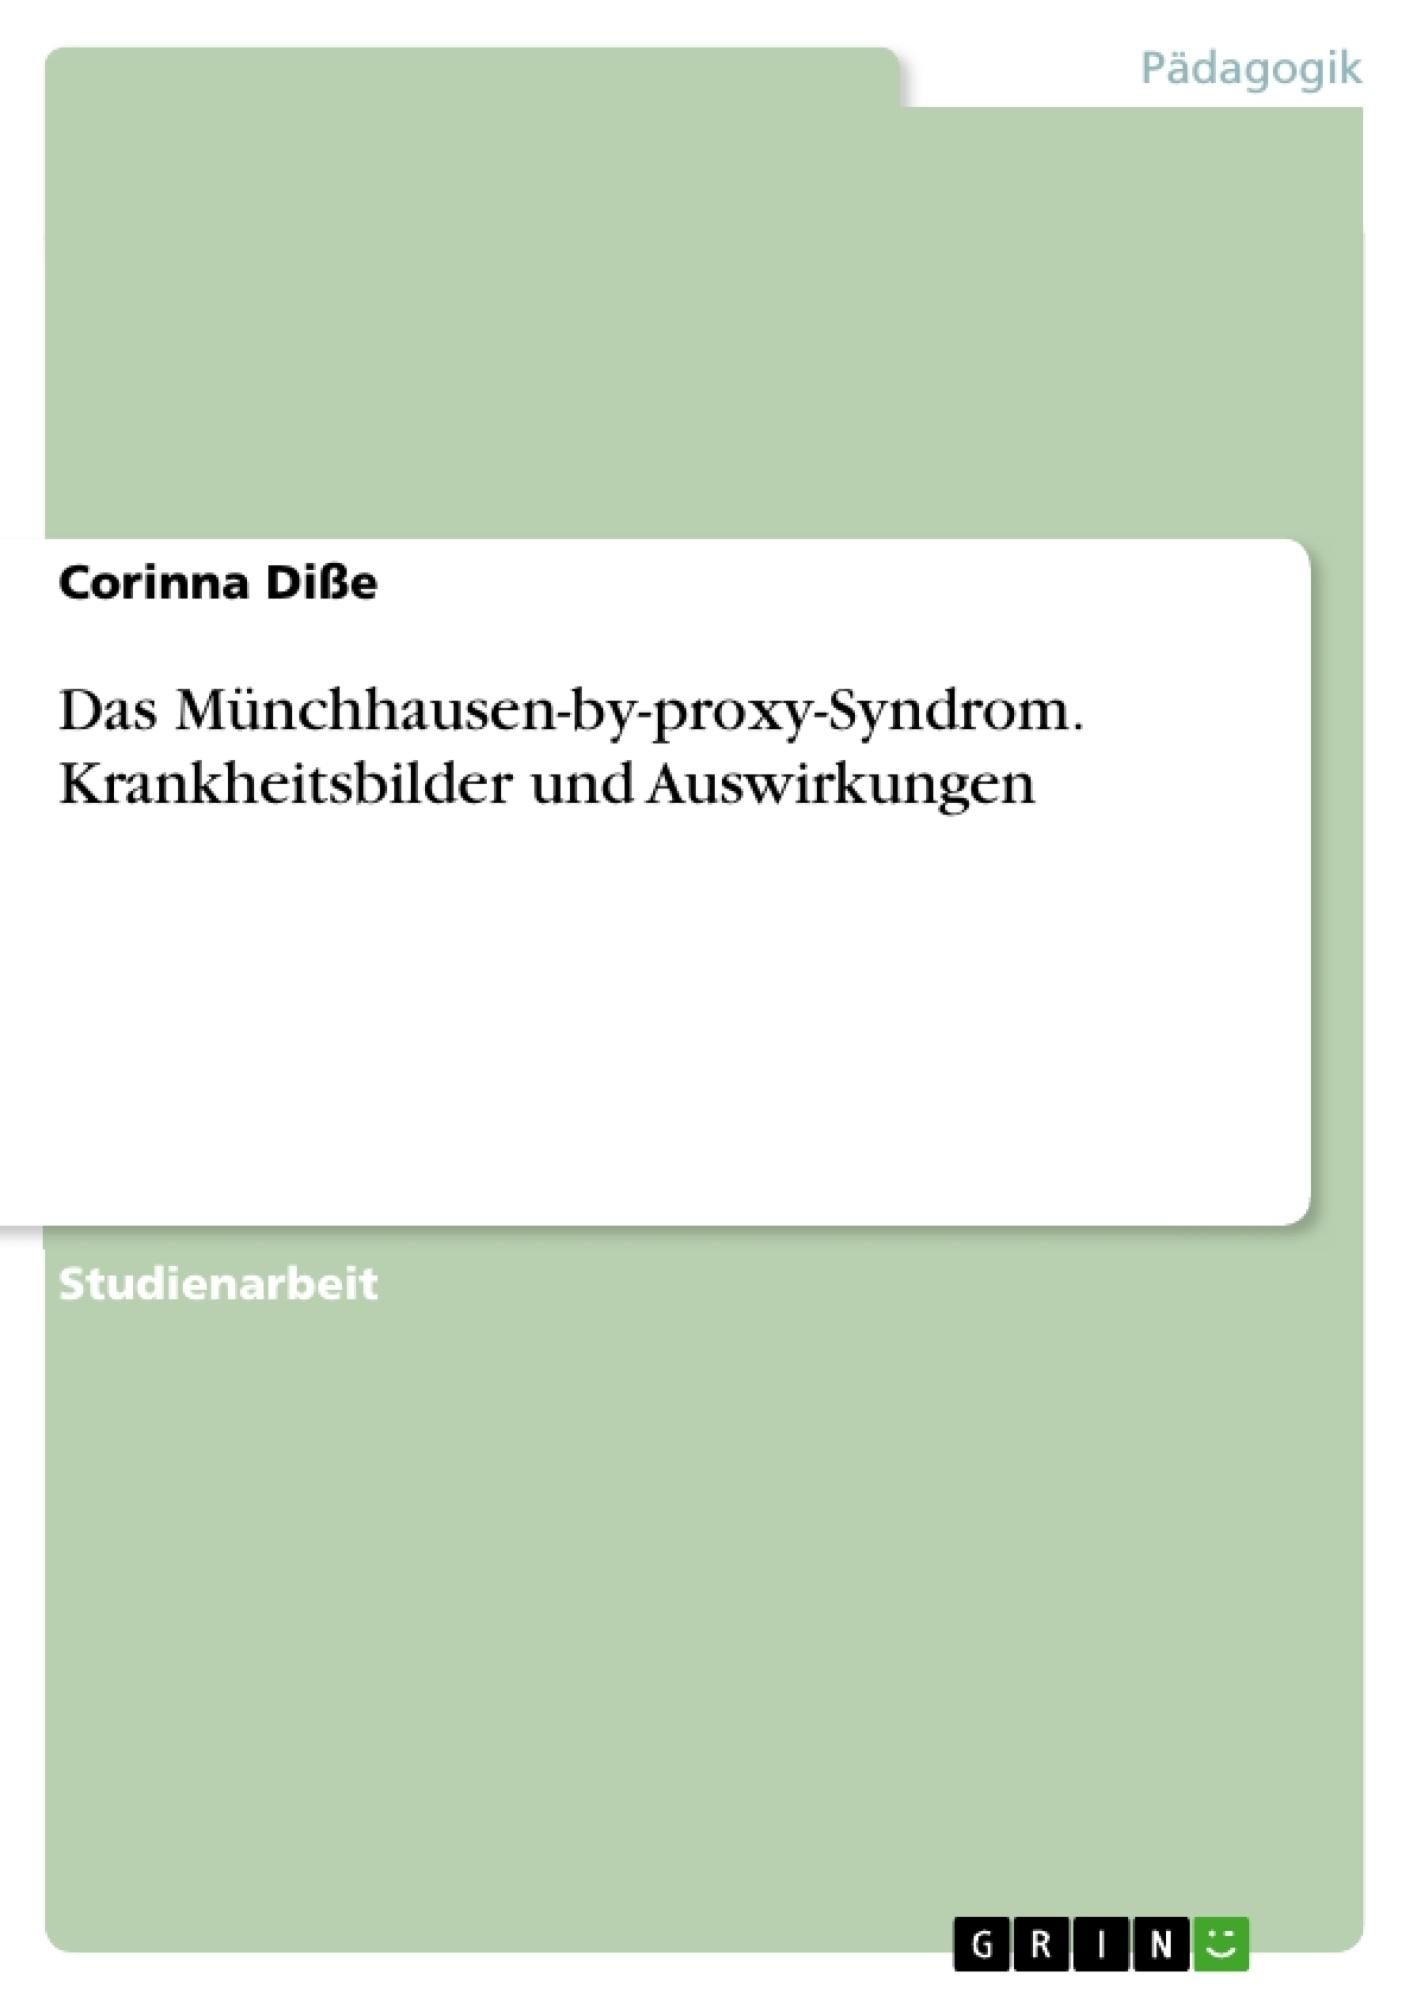 Titel: Das Münchhausen-by-proxy-Syndrom. Krankheitsbilder und Auswirkungen